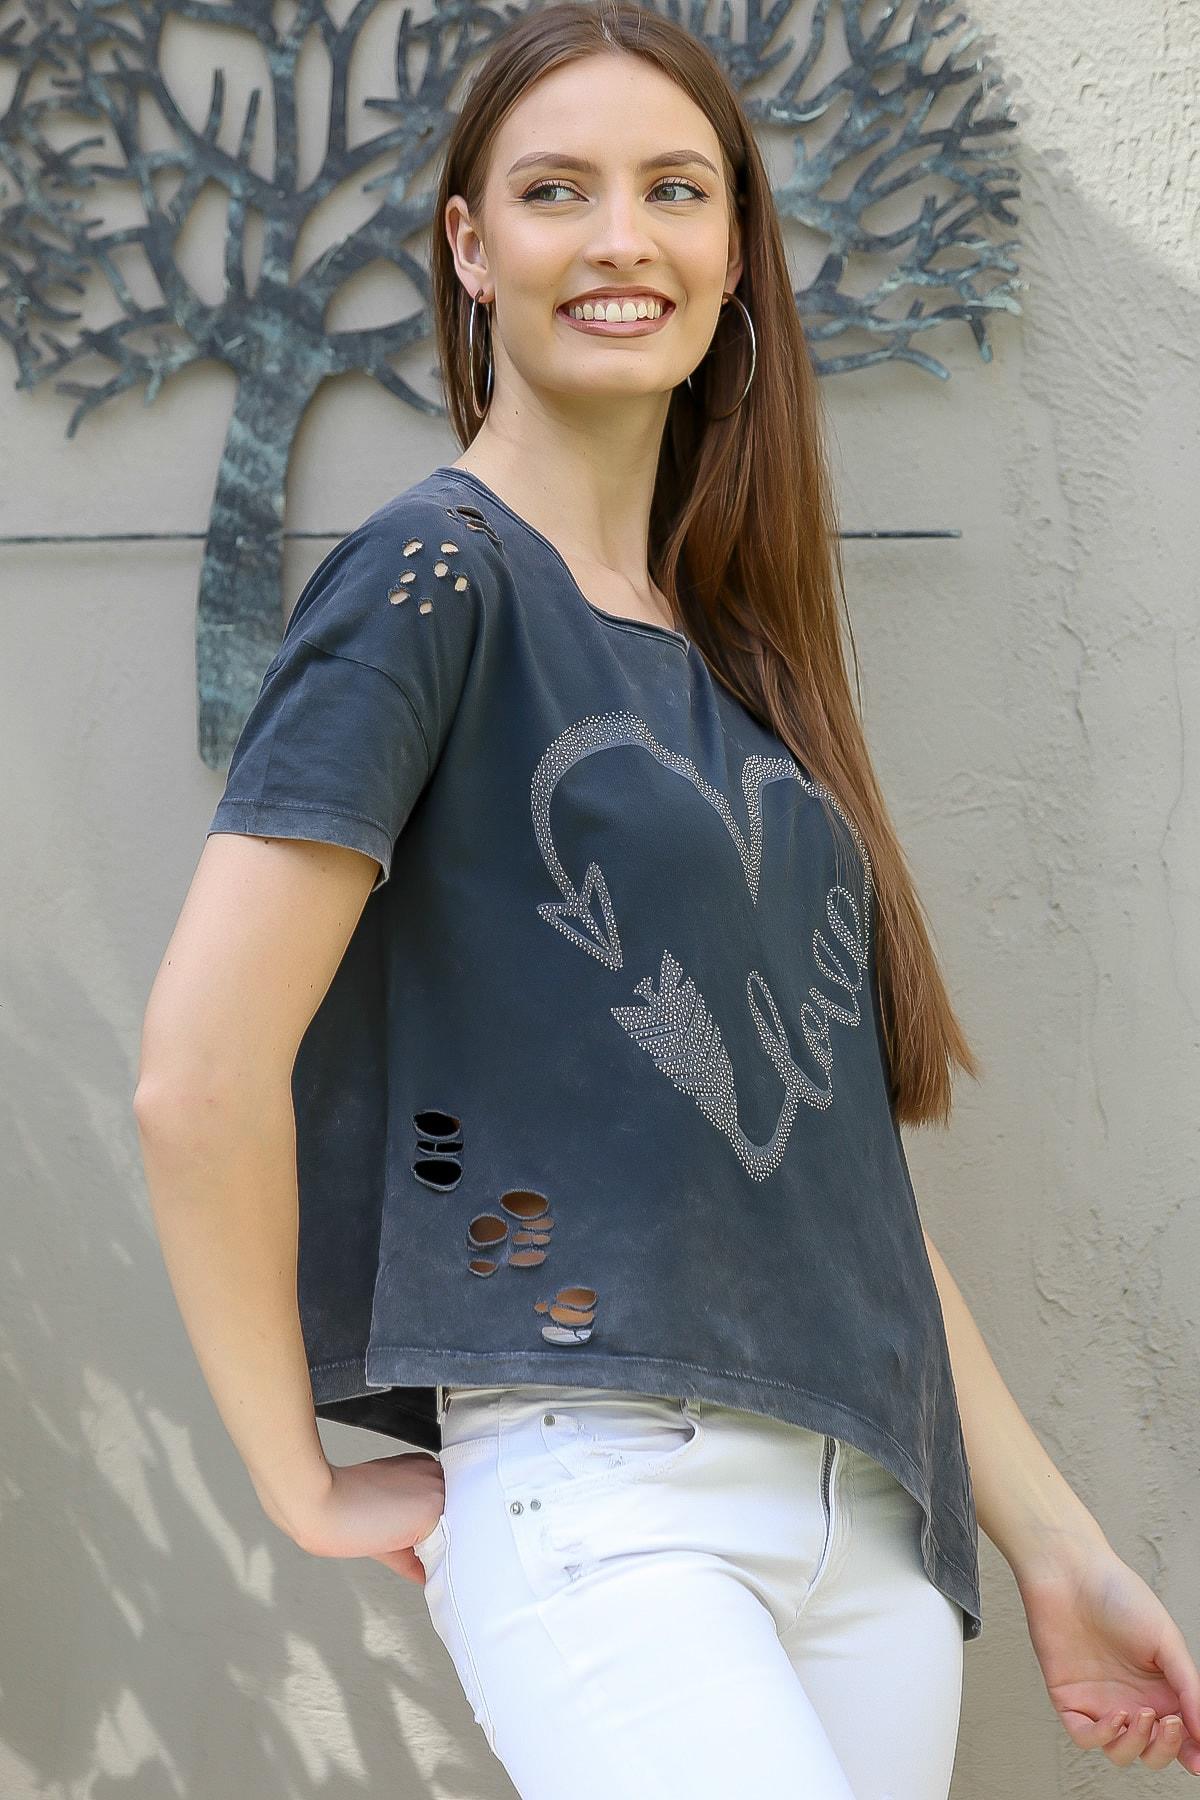 Chiccy Kadın Antrasit Love Kalp Baskılı Lazer Kesimli Asimetrik Yıkamalı T-Shirt M10010300TS98245 1